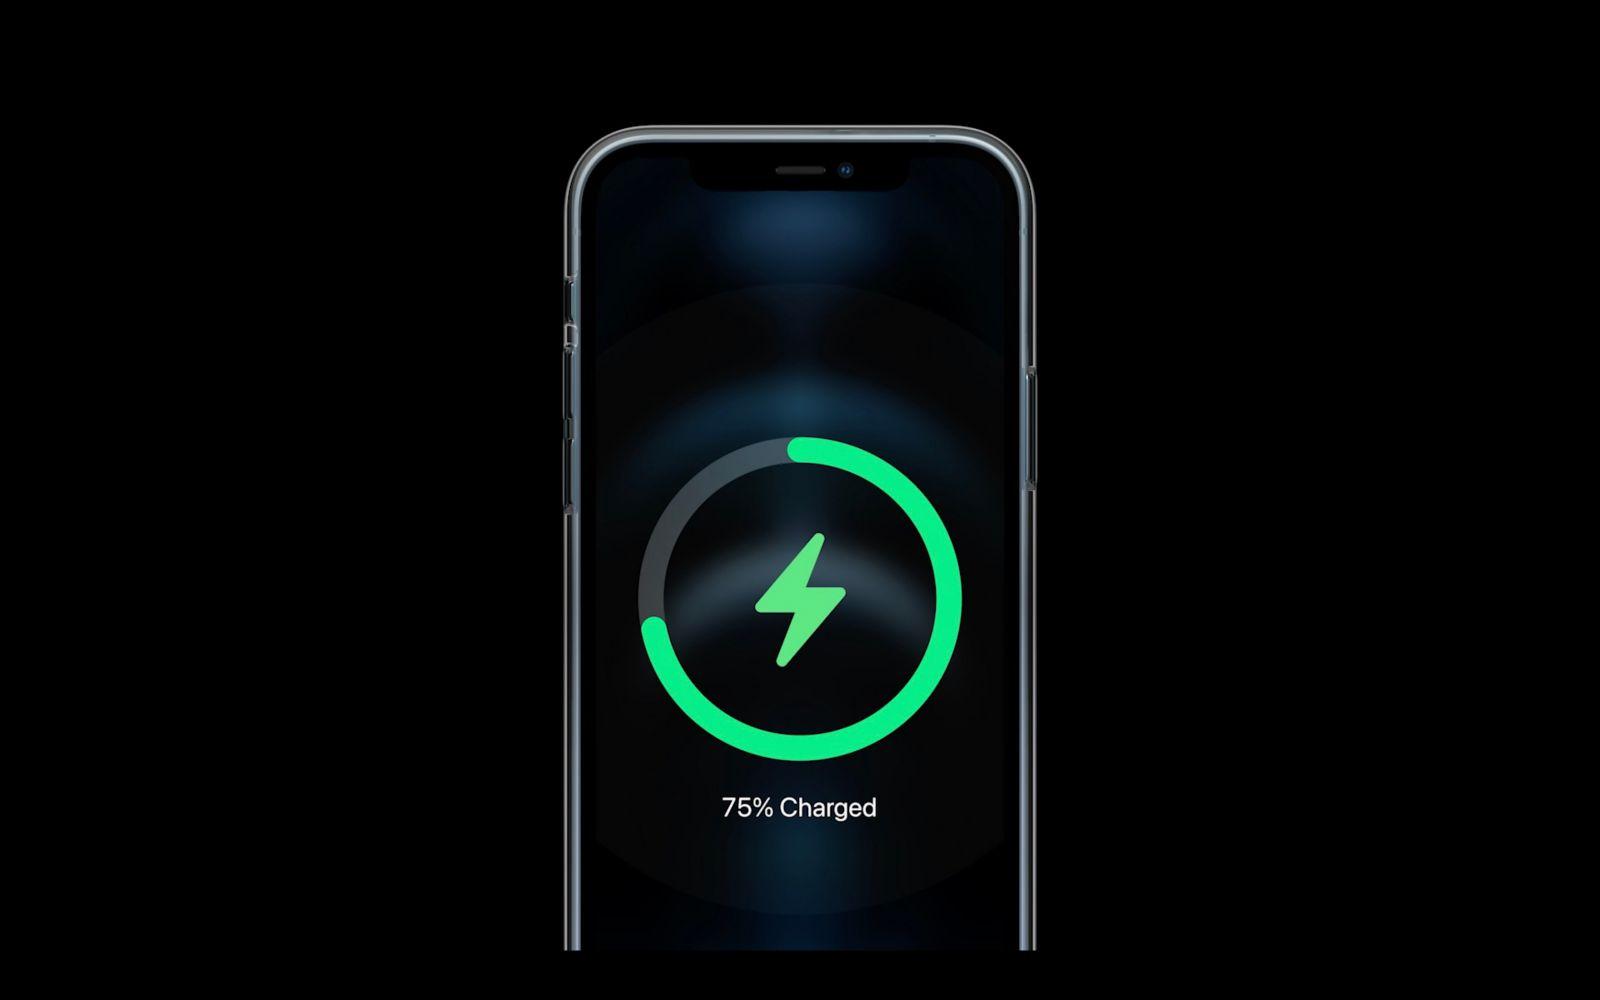 iPhone 12 Pro sạc